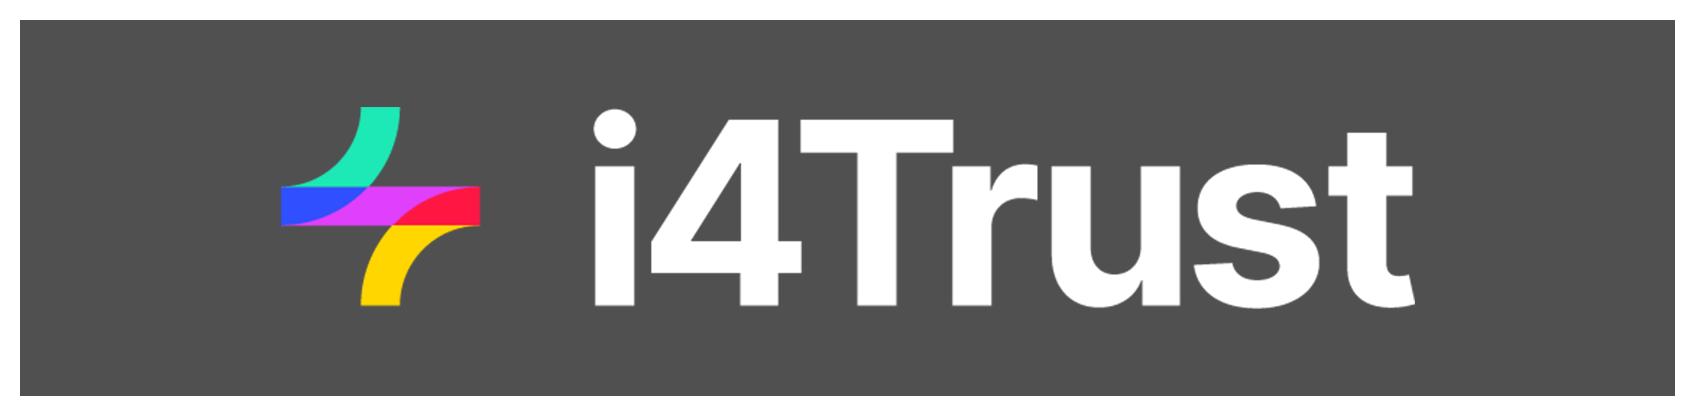 https://i4trust.org/